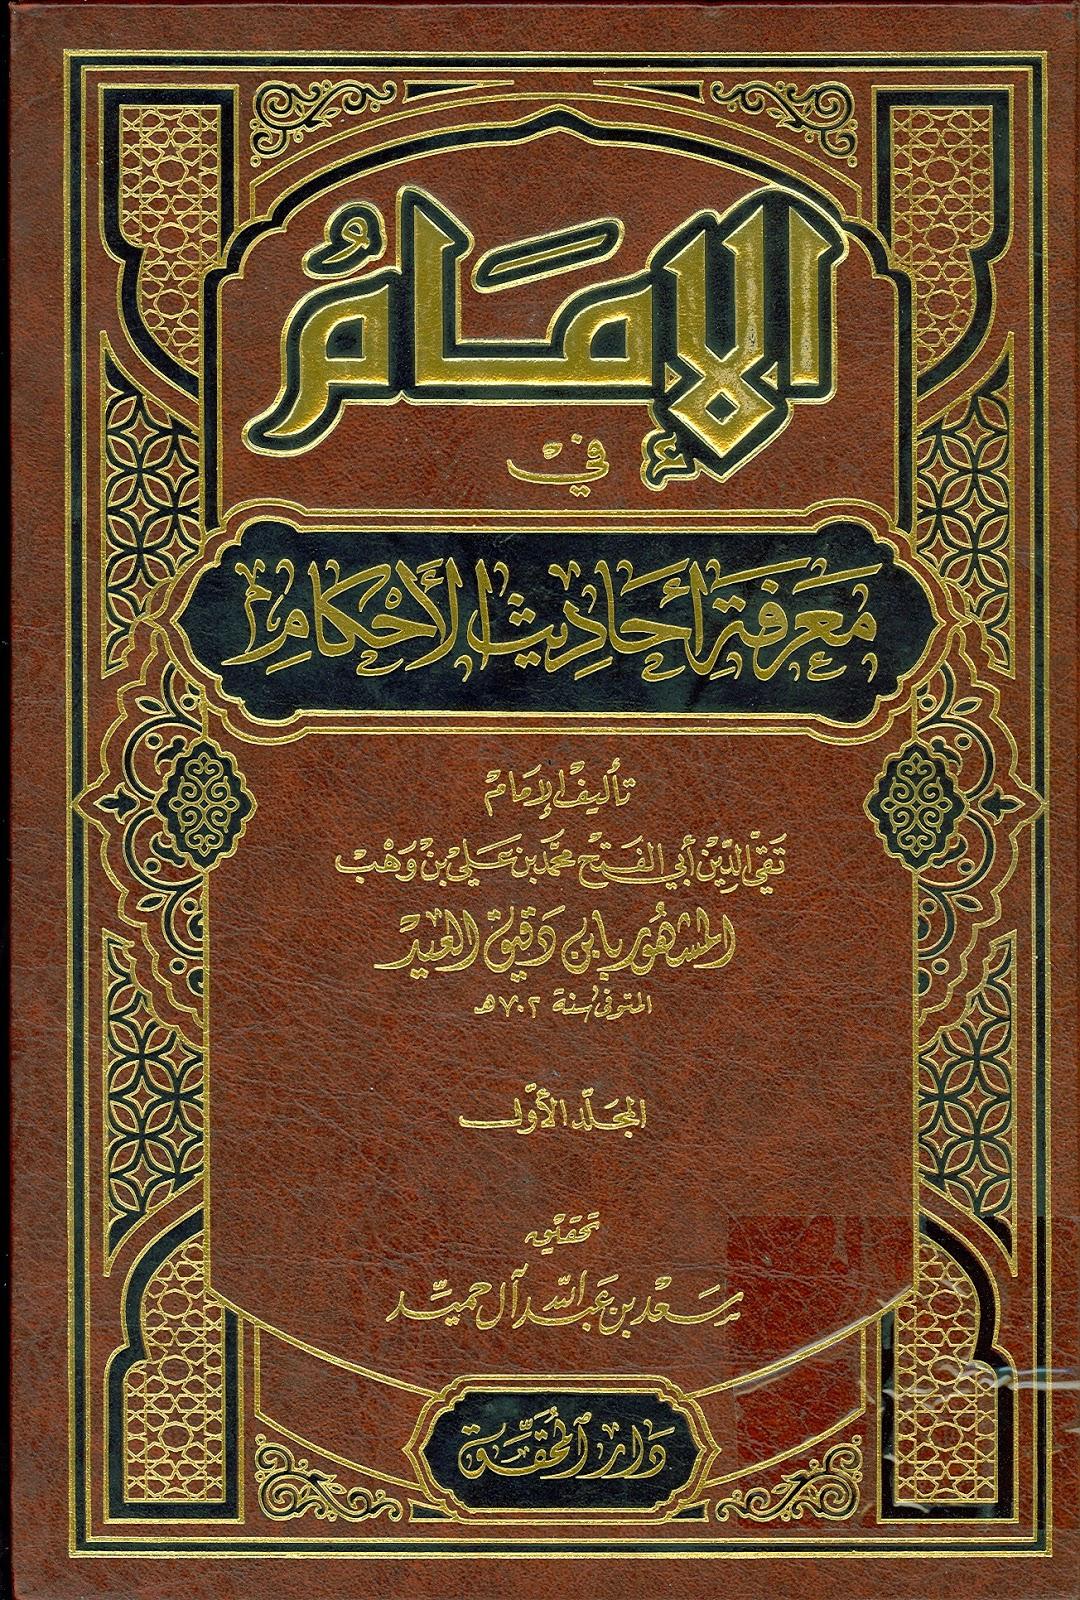 الإمام في معرفة أحاديث الأحكام - لابن دقيق العيد